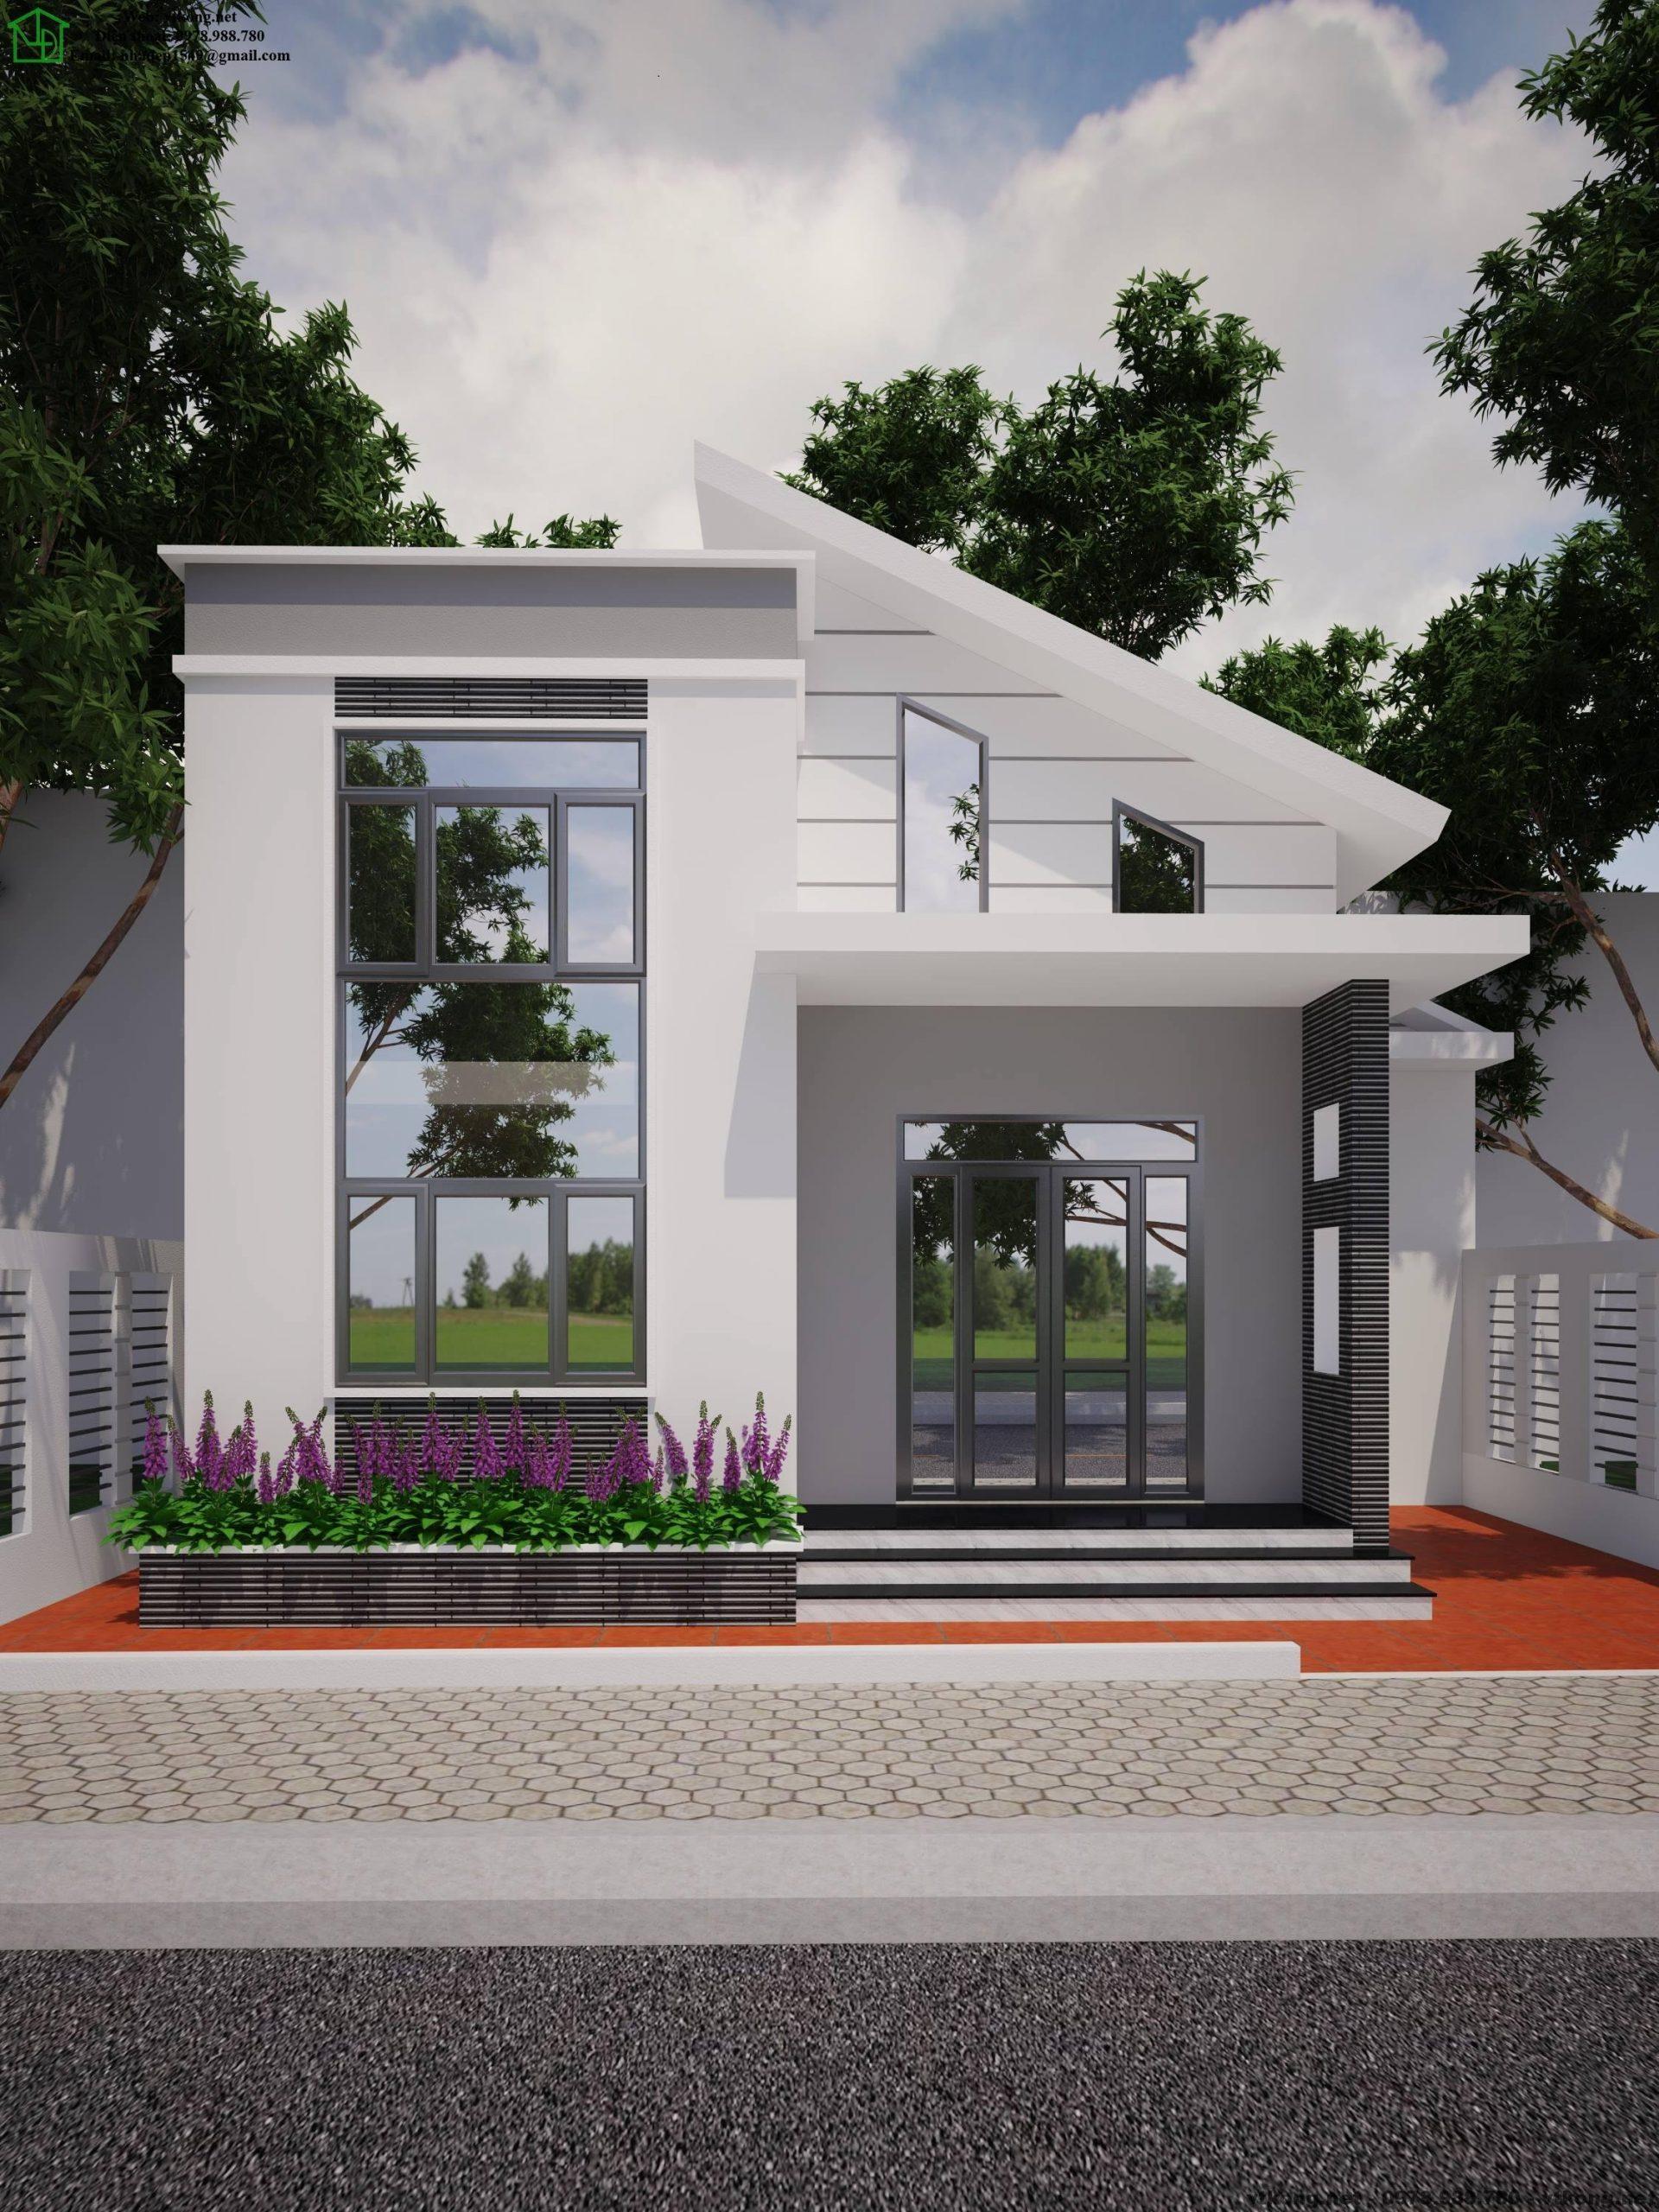 Khảo sát vật liệu xây dựng để xây một ngôi nhà chất lượng